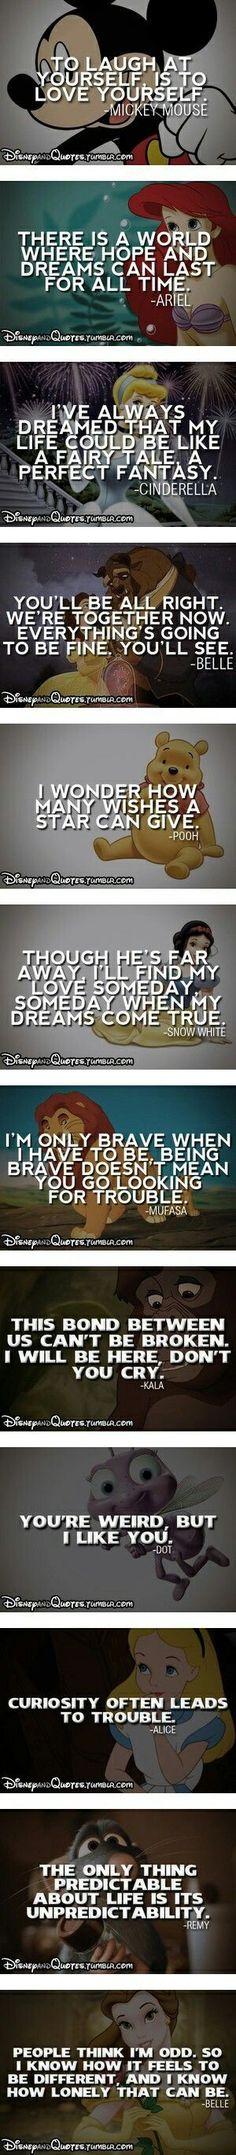 #DisneyQuote